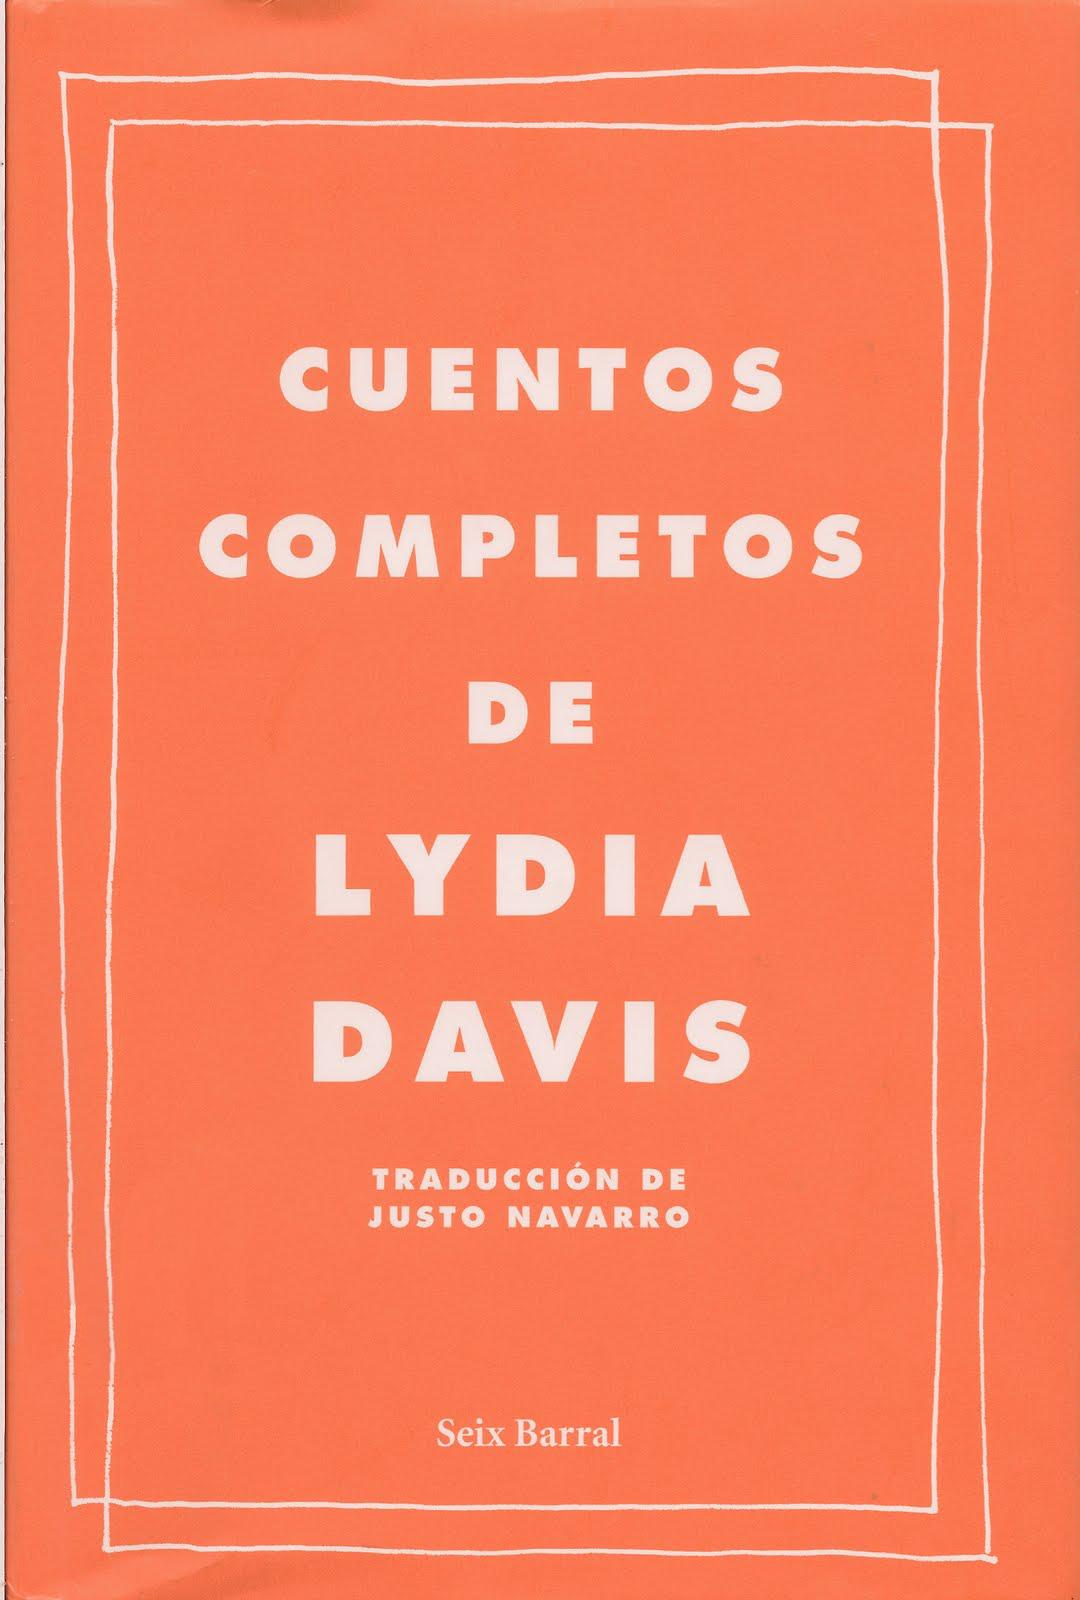 Cuentos completos de Lydia Davis